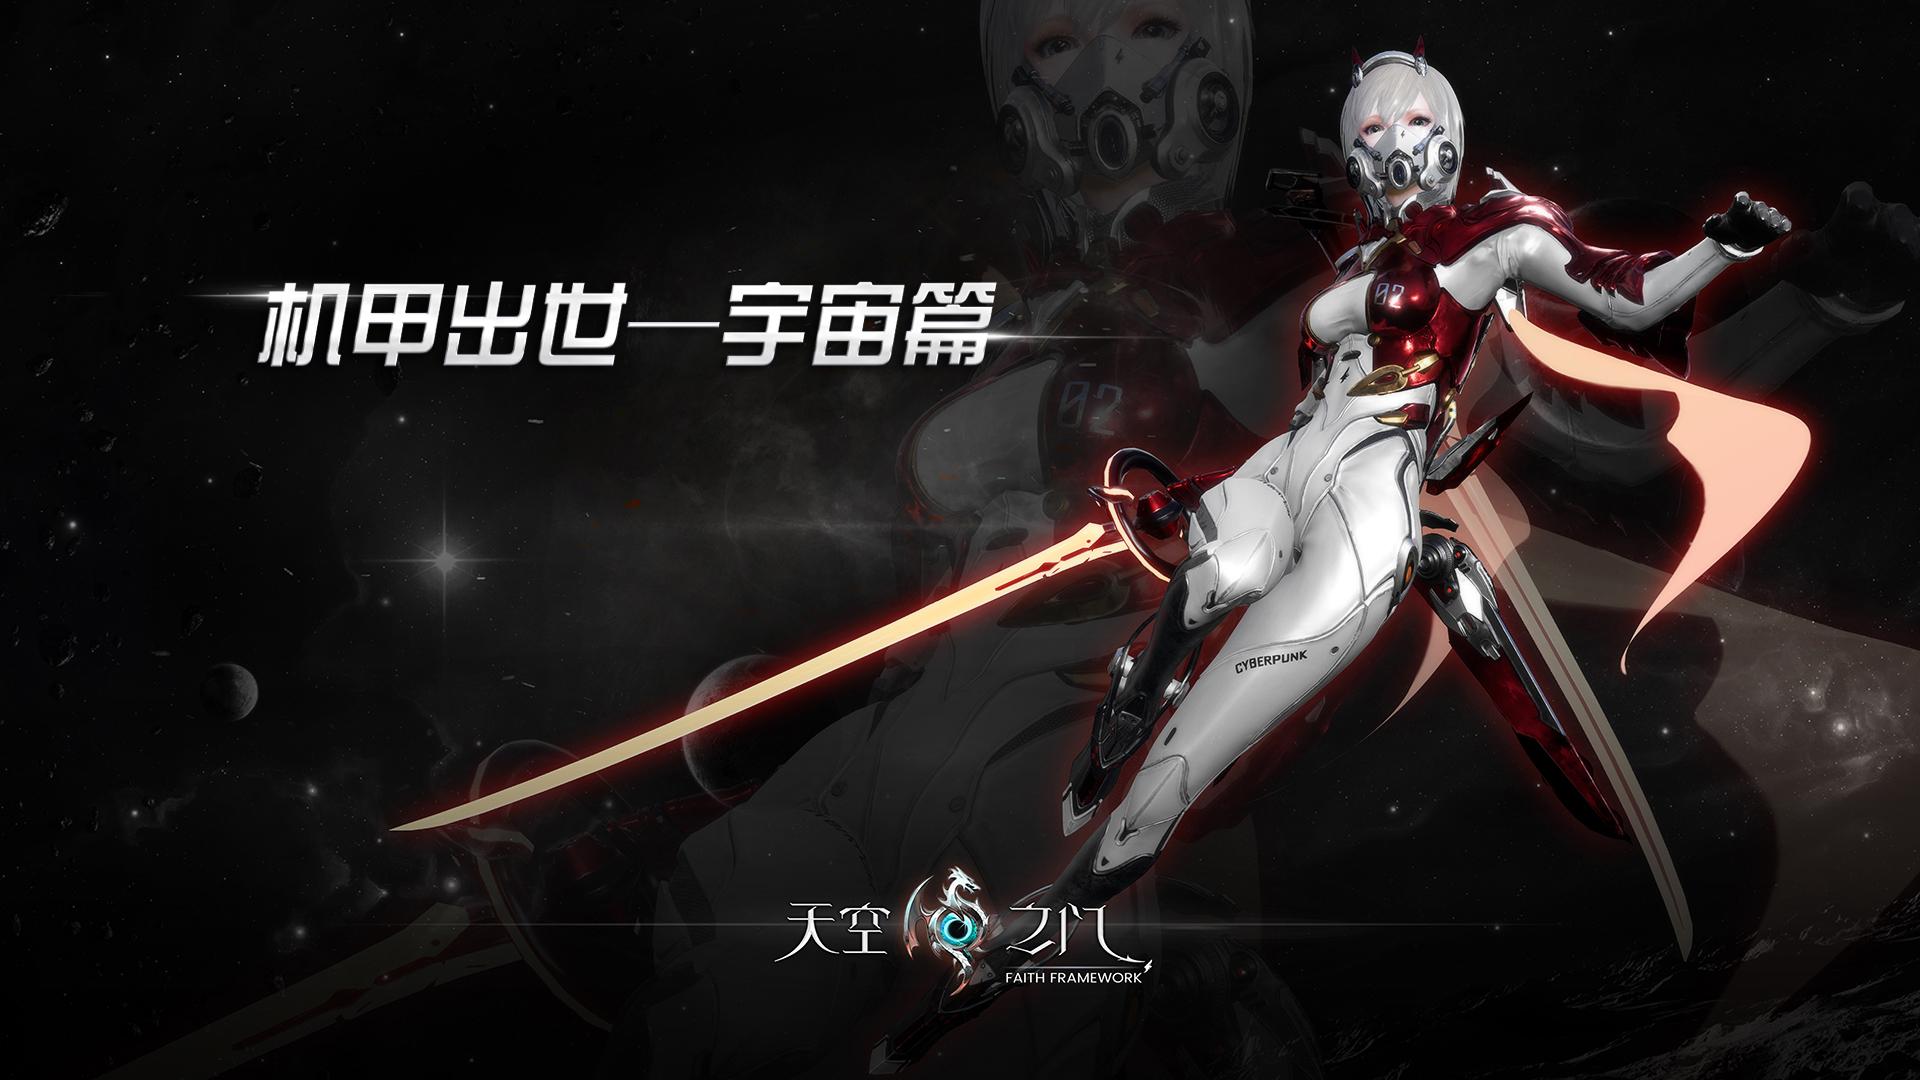 打造次时代大型精品手游,悠米互娱三款虚幻4新作将亮相2019 ChinaJoyBTOC